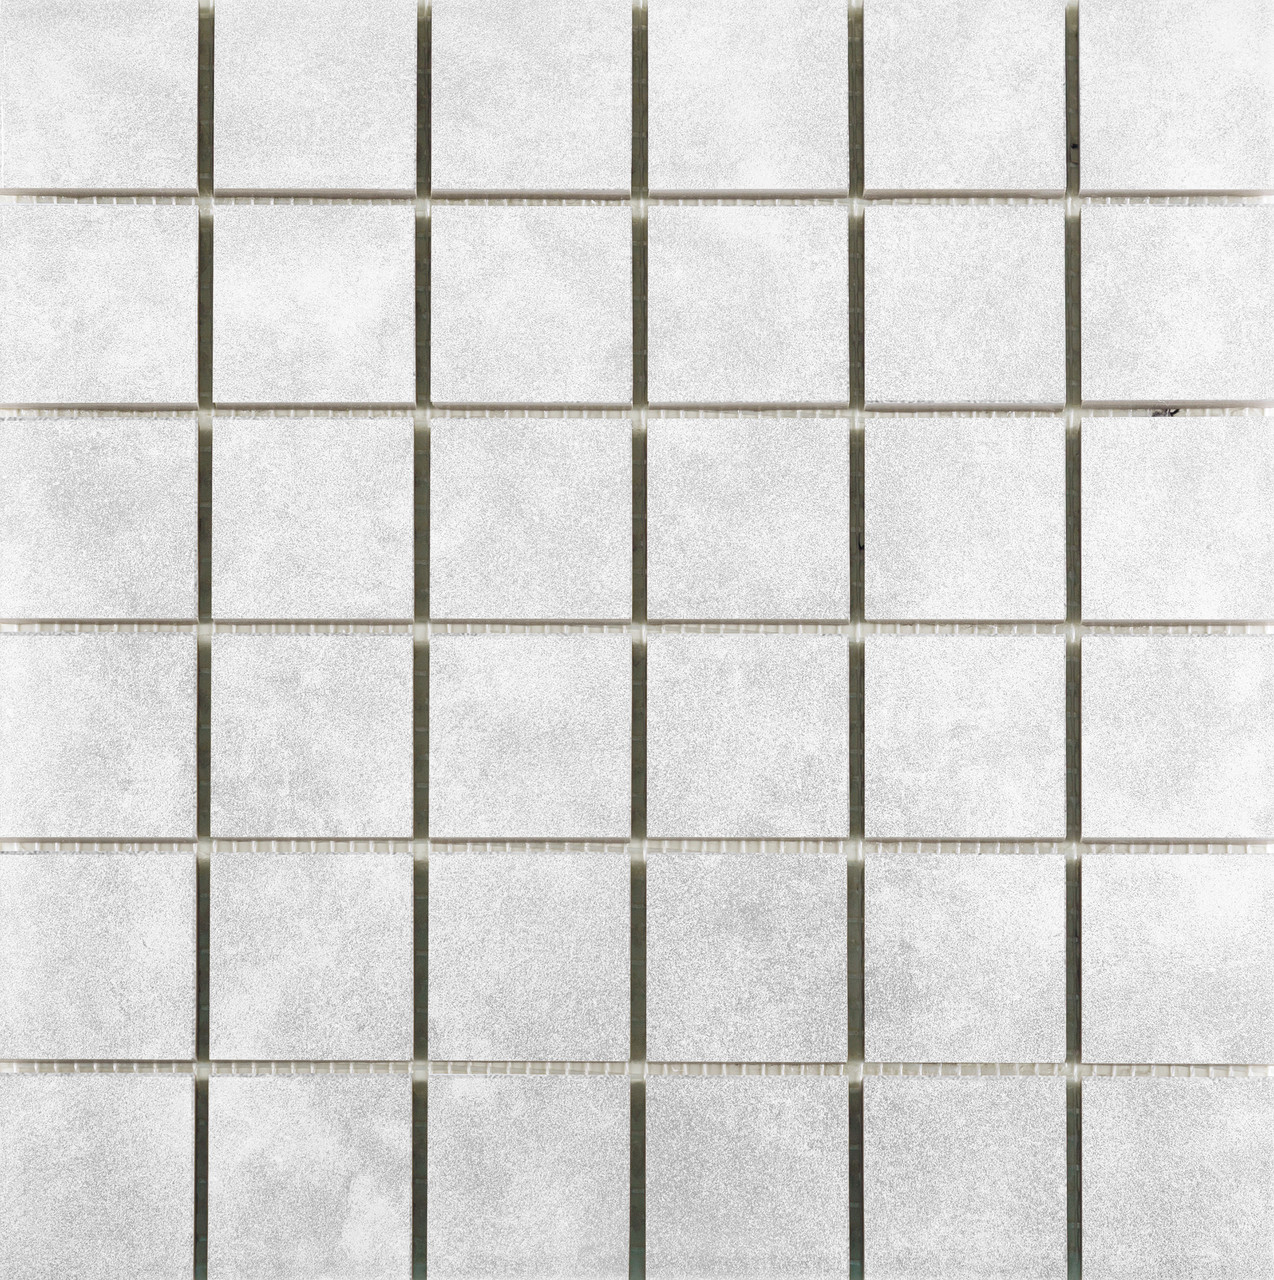 Мозаика Mos PK Fuji W 300x300 M4 /10